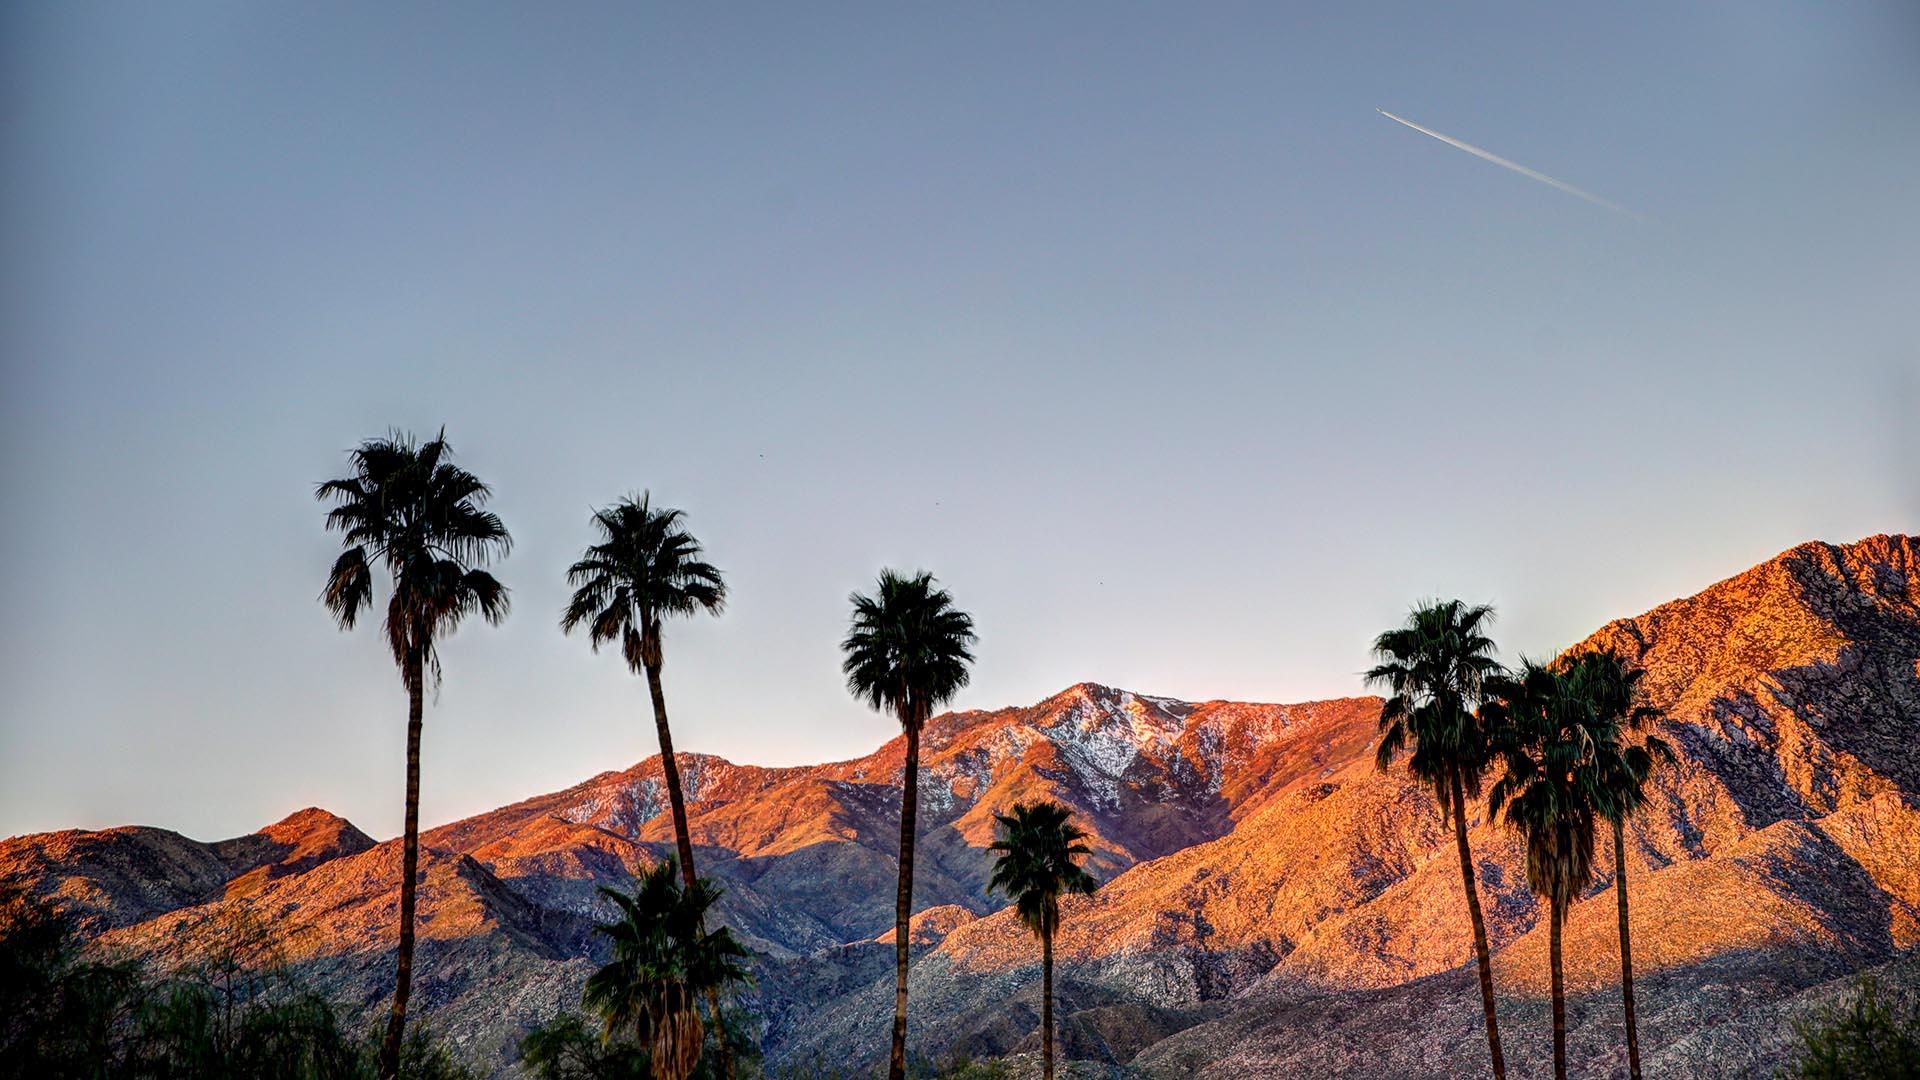 Para explorar casas que generalmente están fuera del alcance del turista, se recomienda unirse a uno de los recorridos autoguiados de Signature Home, donde los visitantes verán casas construidas en una variedad de estilos modernistas, como el desierto contemporáneo y el nuevo siglo. Este festival de arquitectura coincide con Art Palm Springs, en el Centro de Convenciones local, donde se exhibe y vende arte asequible de todo el mundo